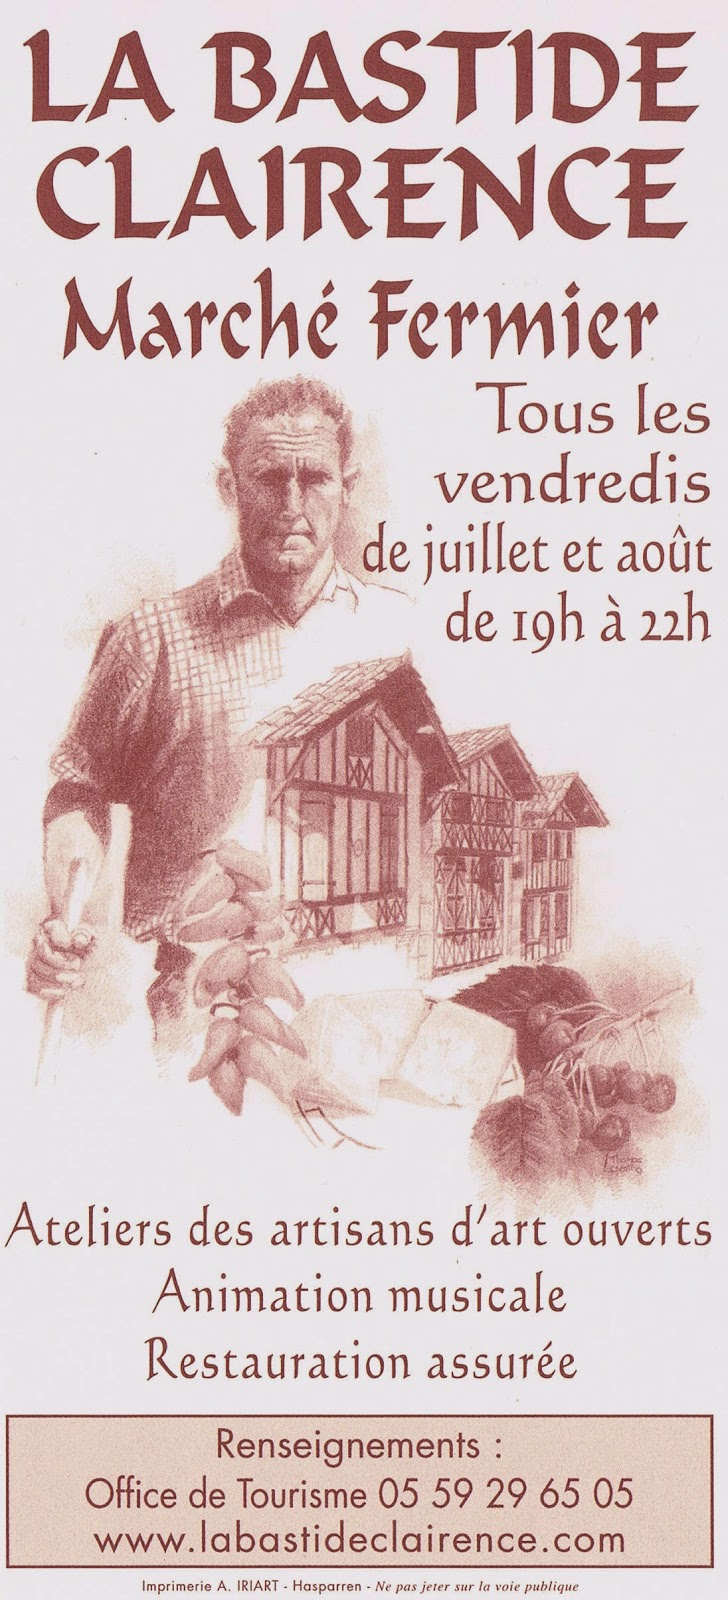 Office de tourisme du pays de hasparren et de la bastide clairence march s fermiers la bastide - Office de tourisme hasparren ...